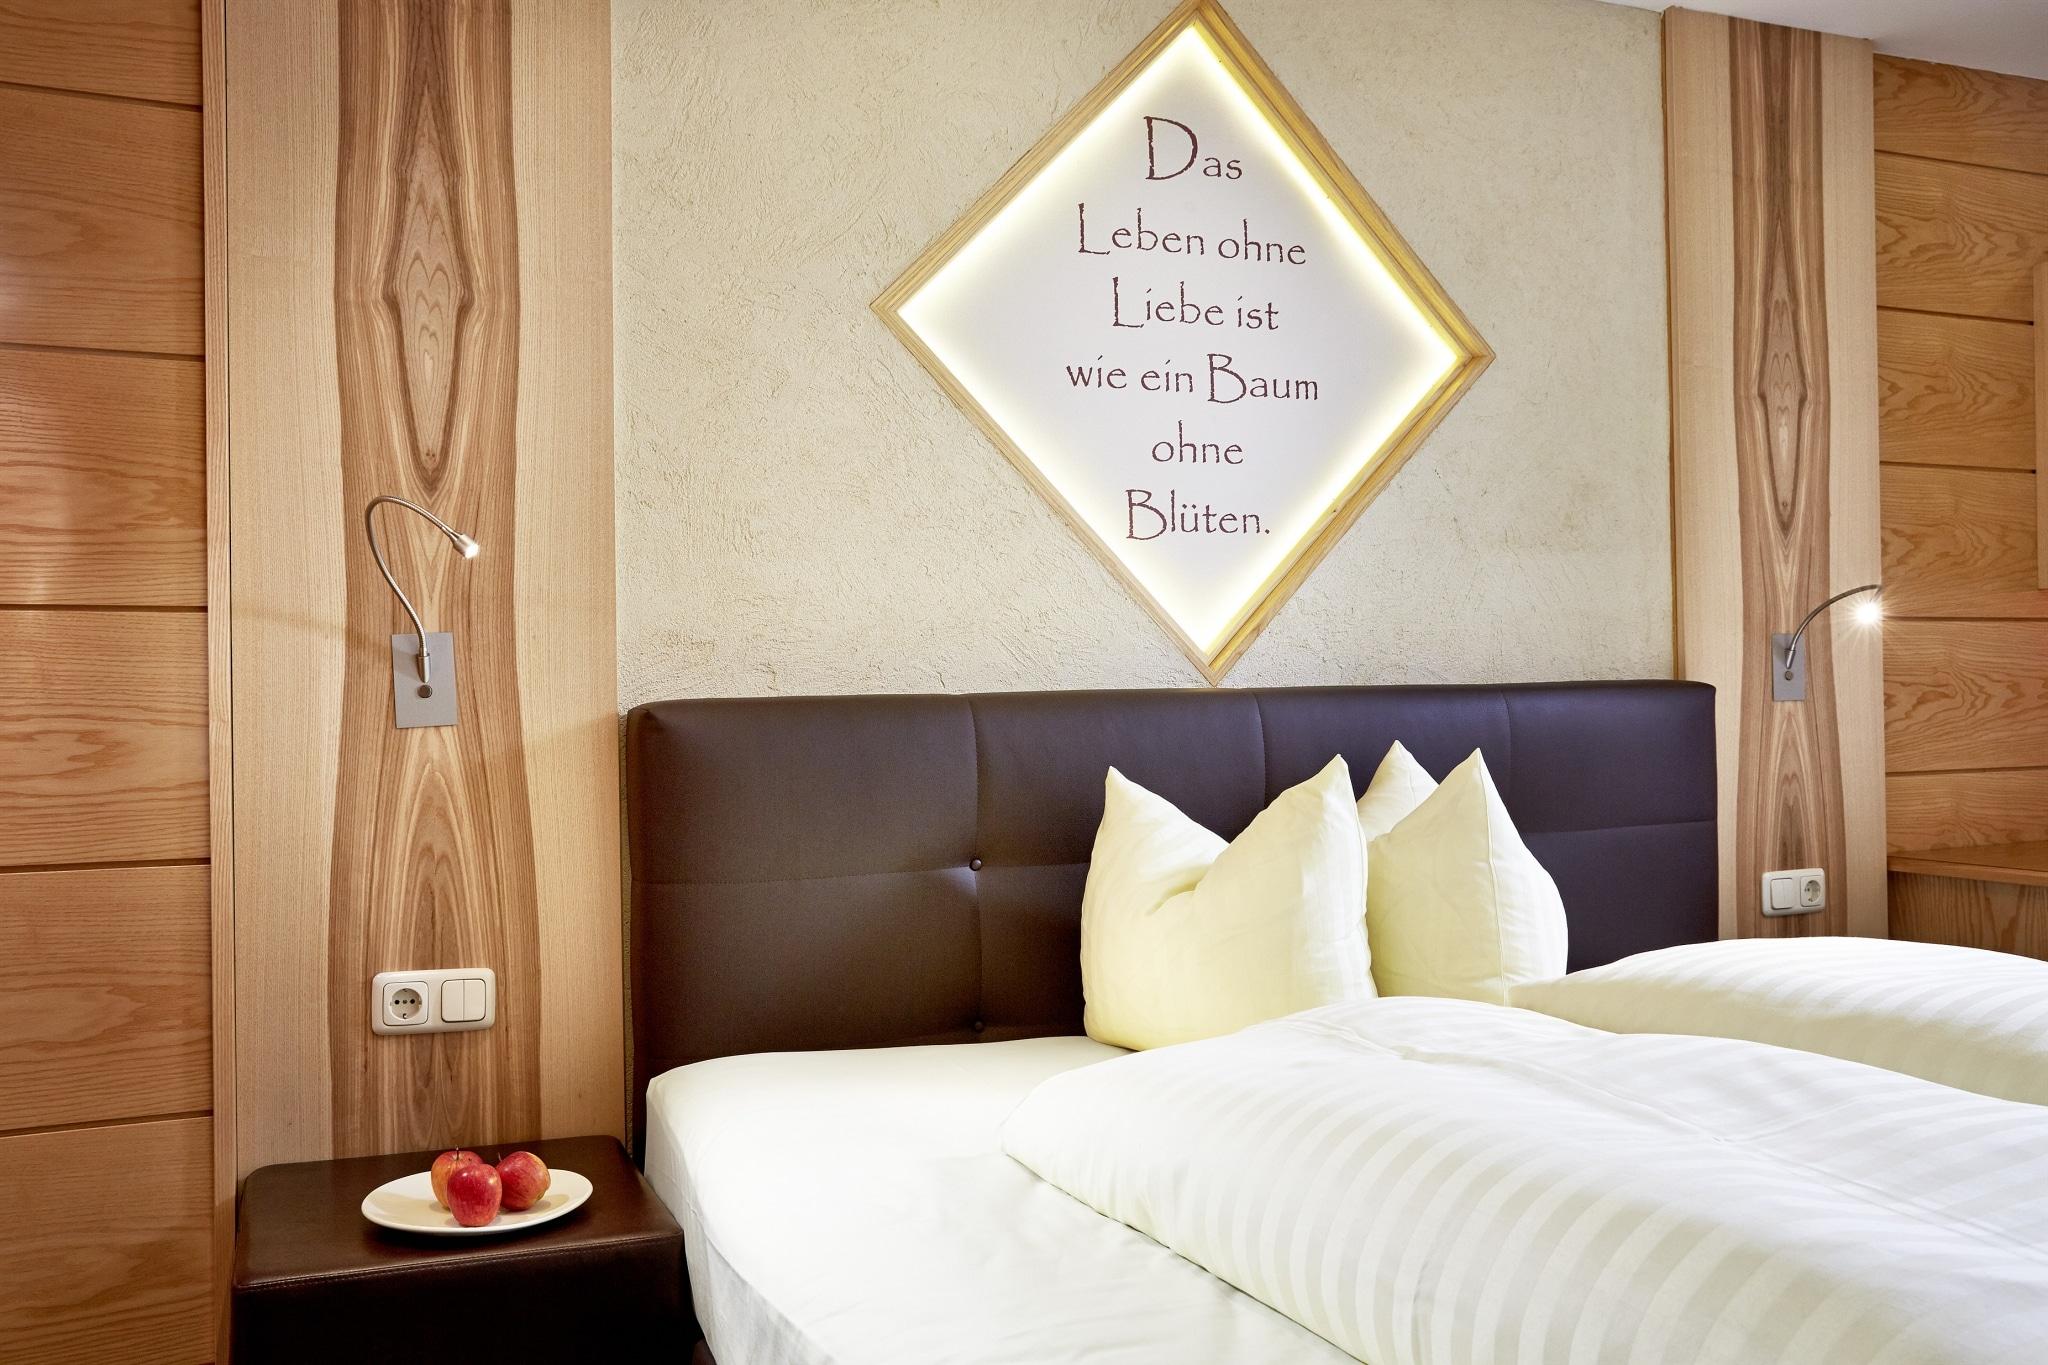 Doppelbett mit Wandspruch